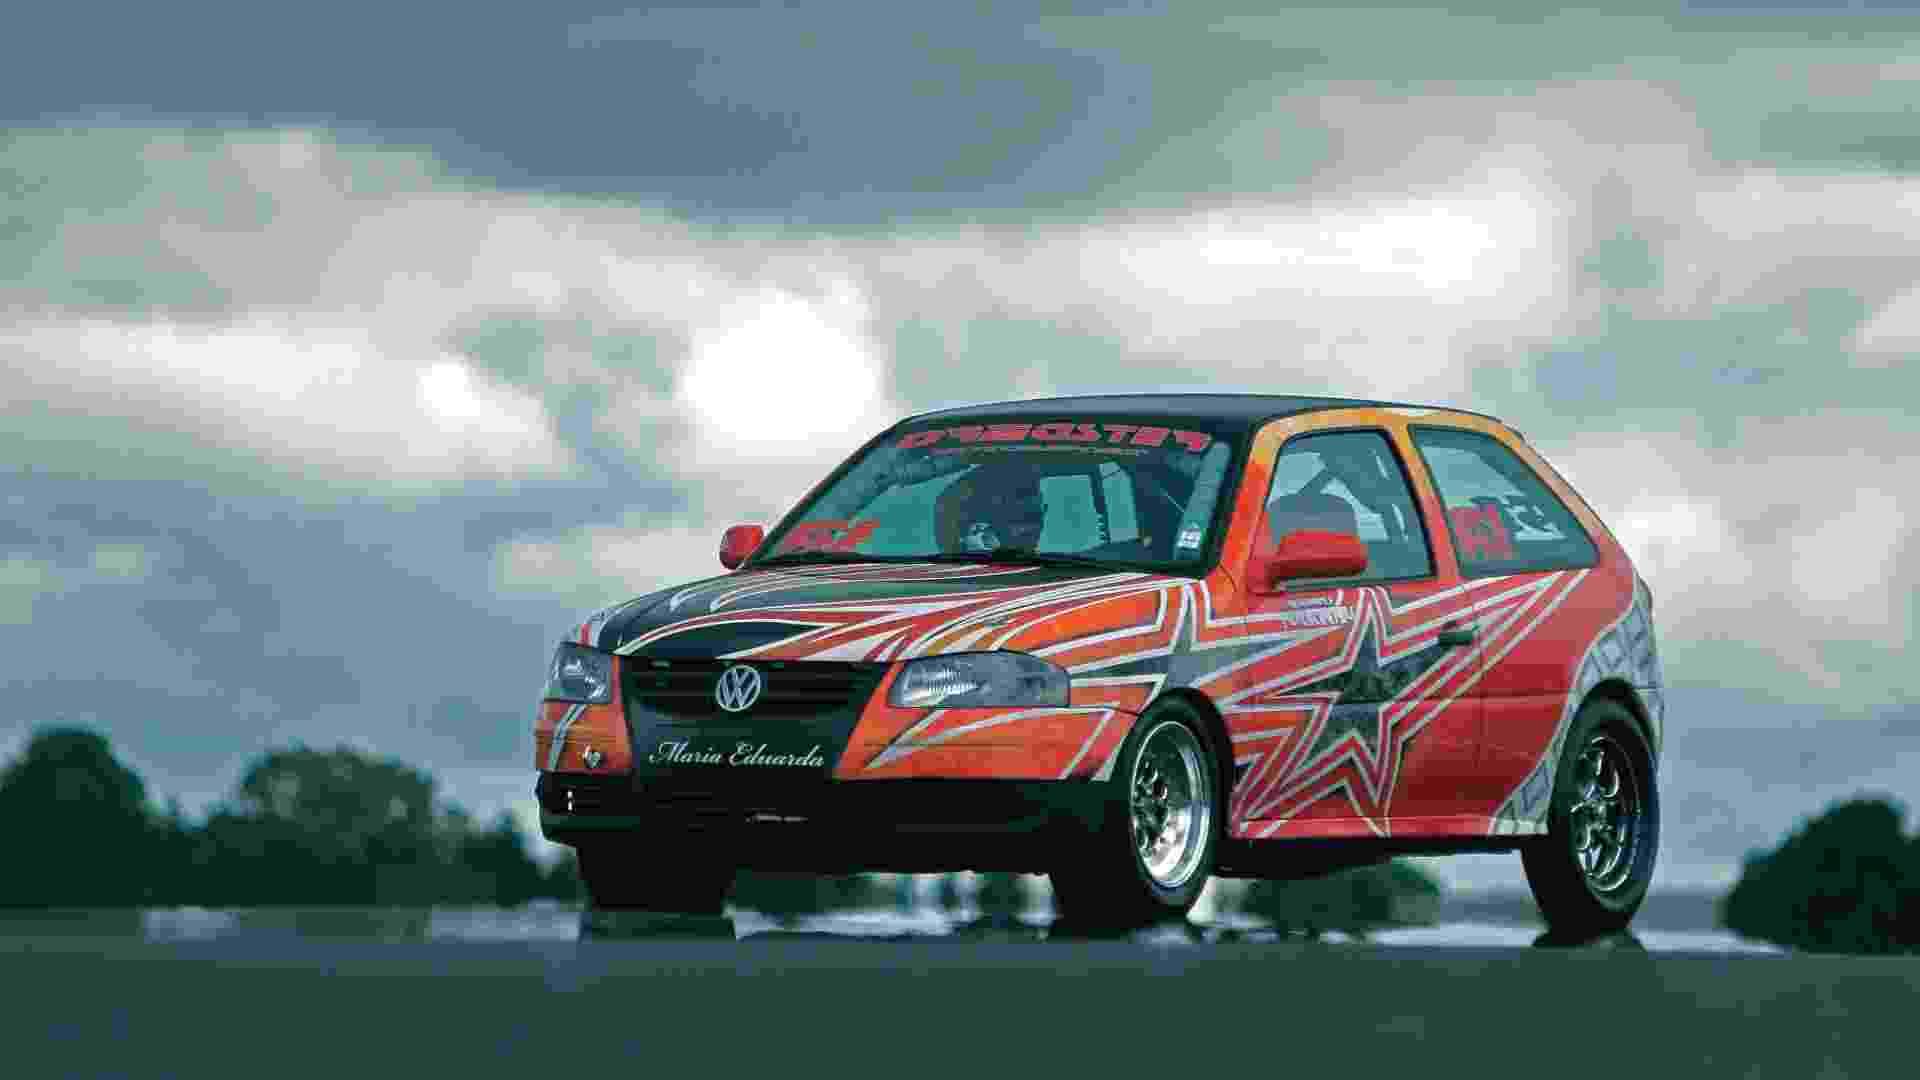 Volkswagen Gol G4 preparado para arrancada leva nome de Maria Eduarda, musa inspiradora, no para-choque. Com coletor de admissão dual plenum acoplado ao cabeçote, comando de válvulas Carlini Competizione e três quilos de pressão de turbo, motor AP 2.0 de fluxo cruzado chega aos 9.000 giros com muito vigor e alcança 756 cv com etanol - Luciano Falconi/Fullpower